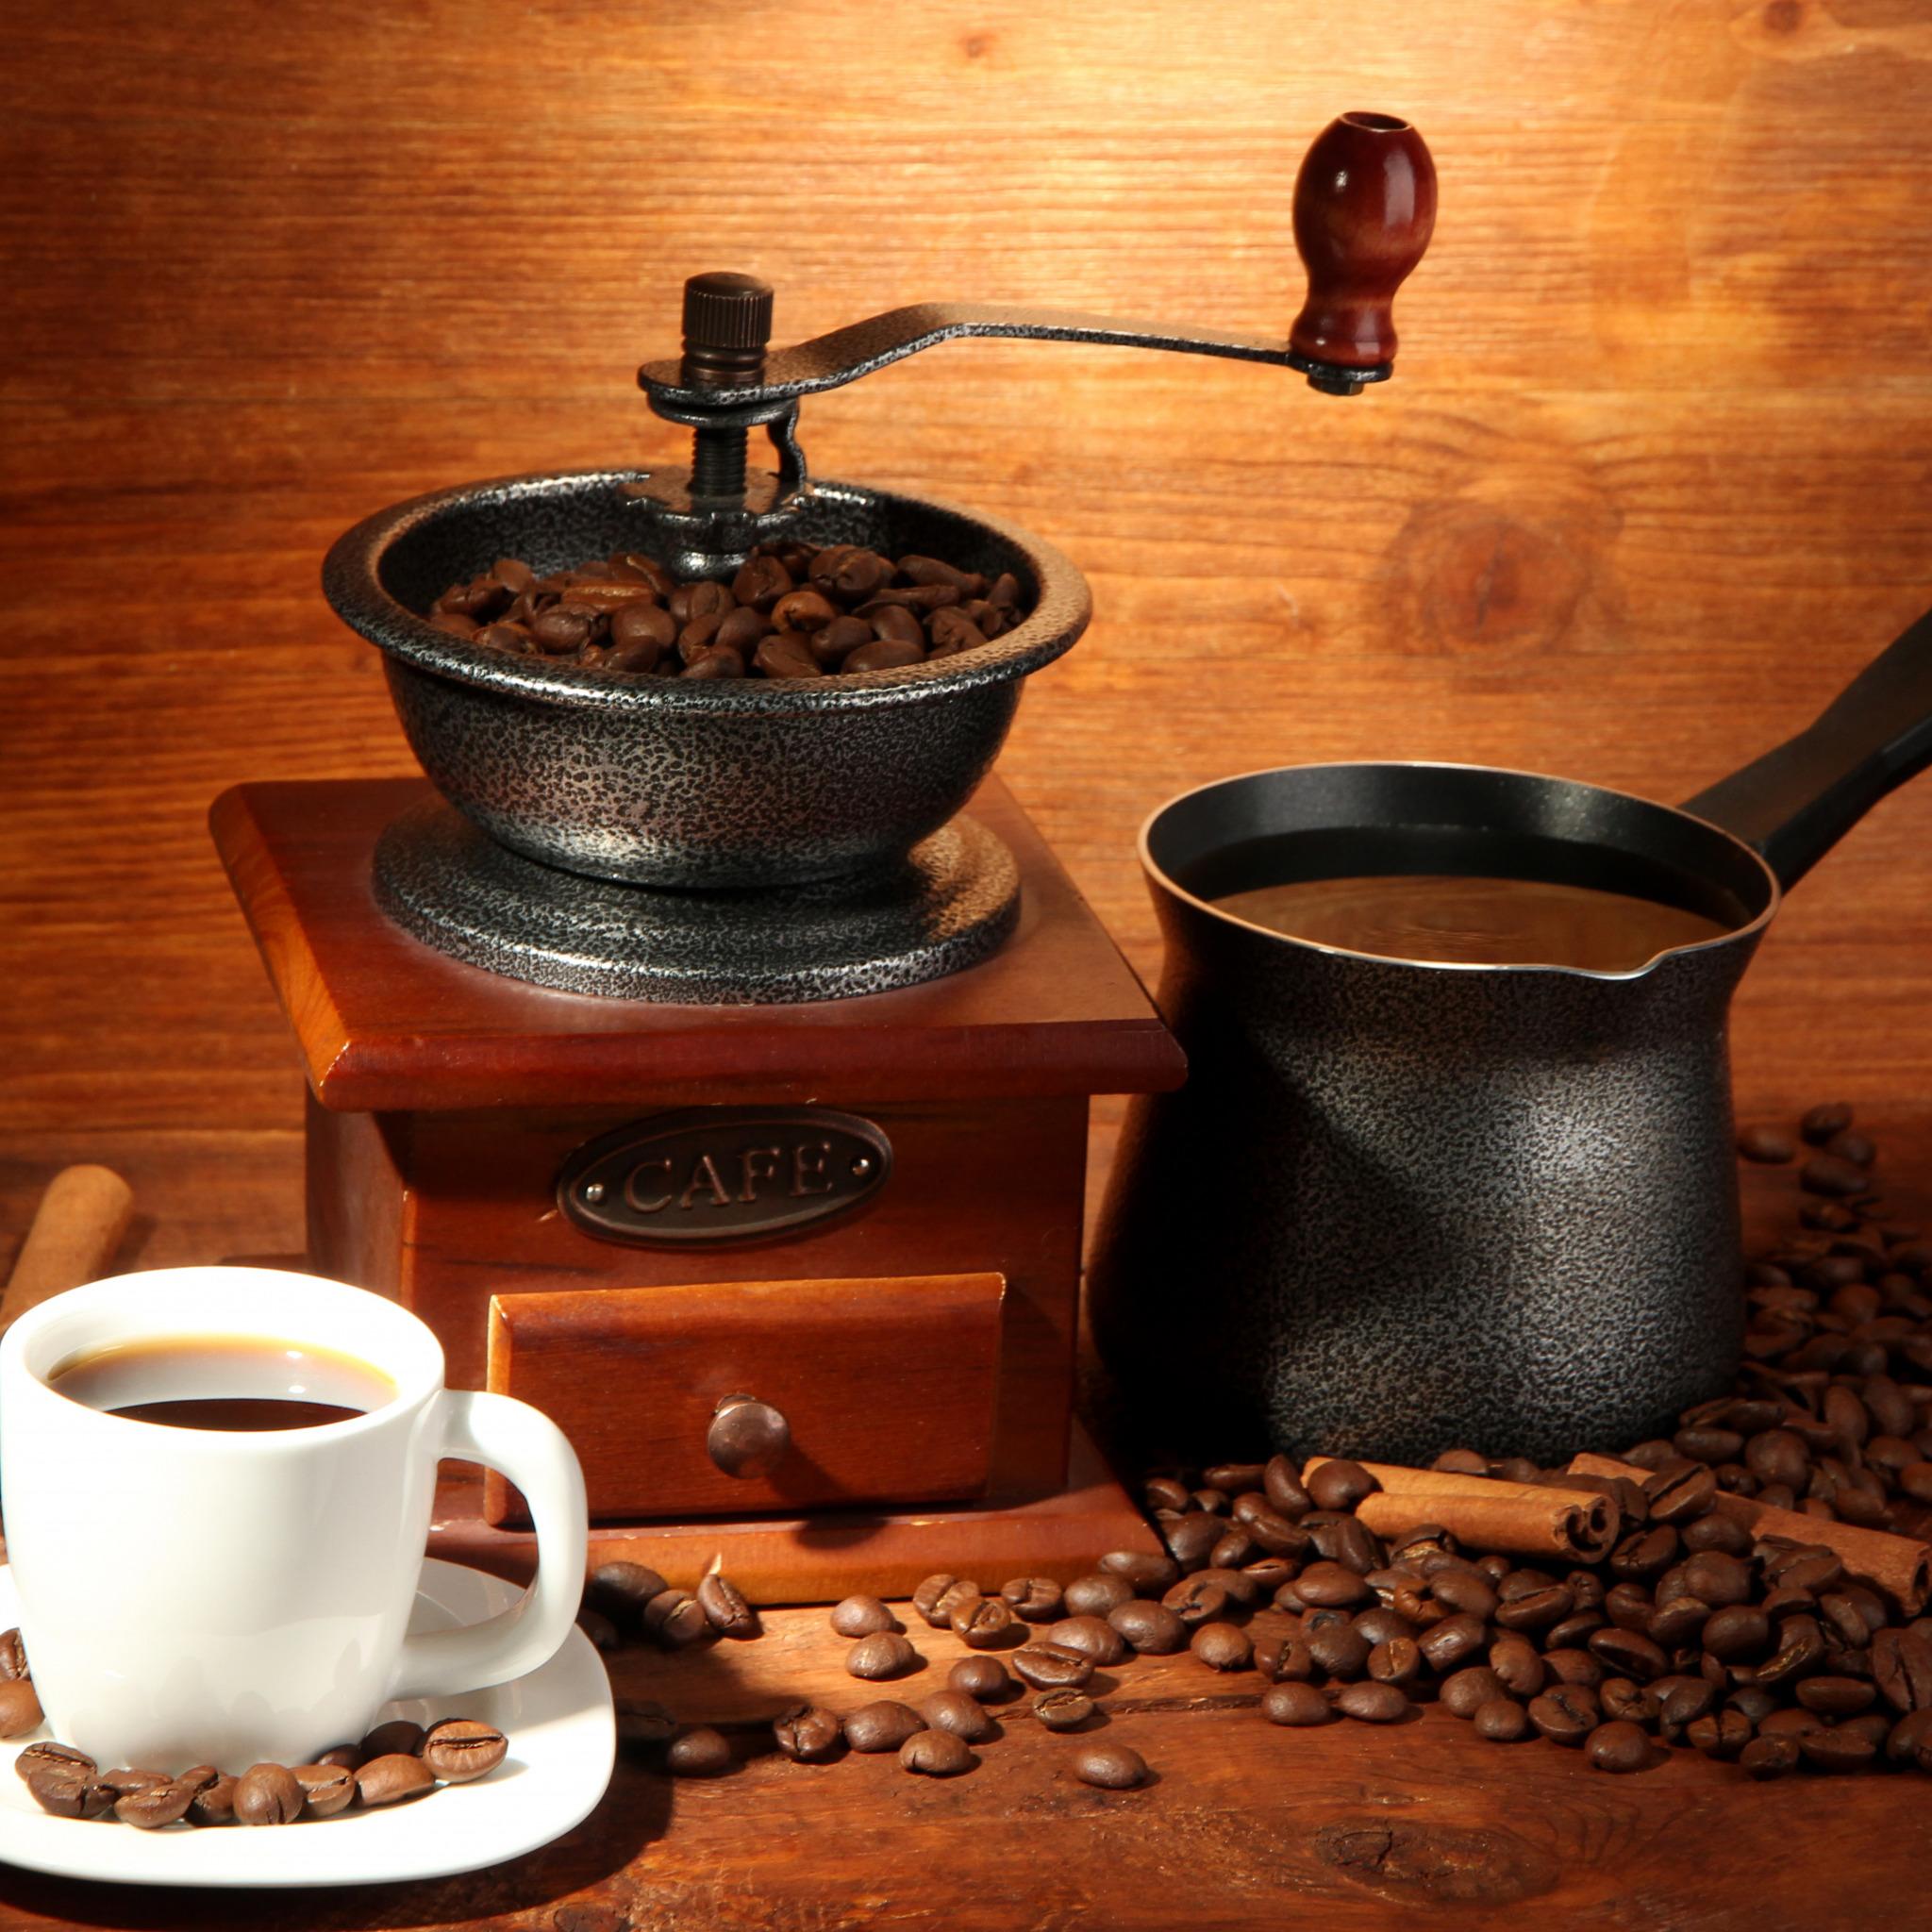 начнем картинки кофе и кофемолка главного тренера отражается